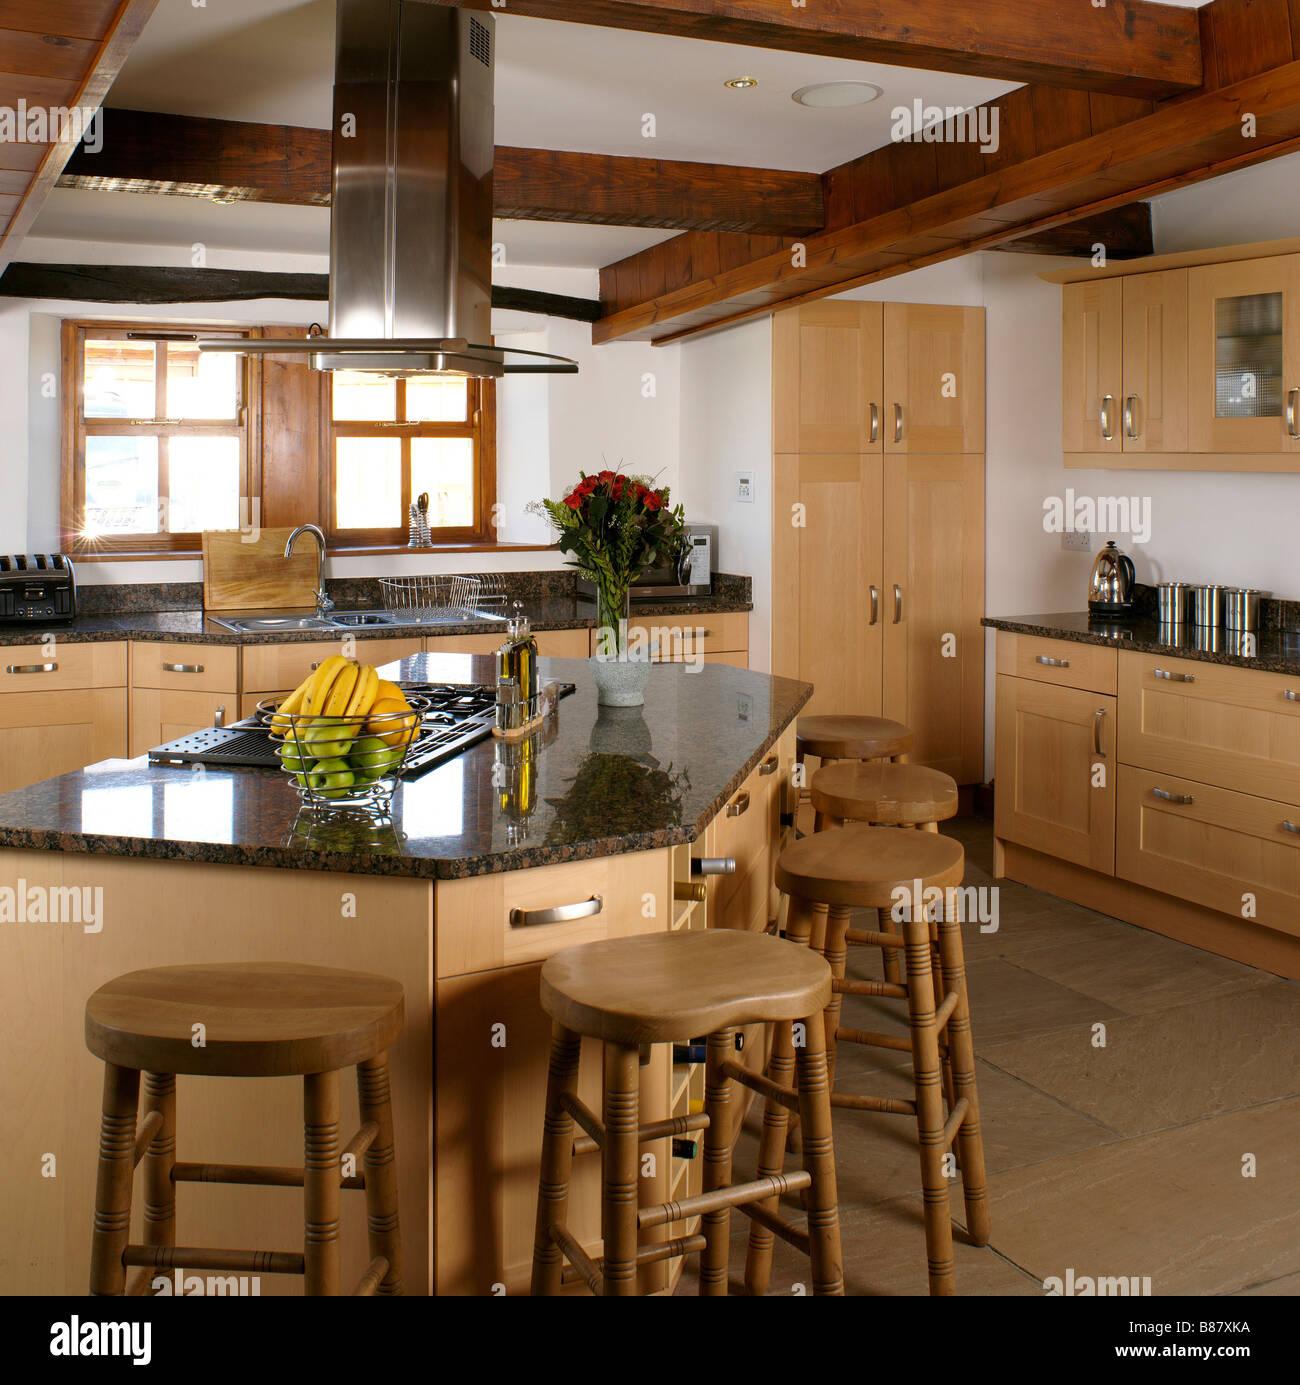 Unit Kitchen Kitchens Domestic Stockfotos & Unit Kitchen